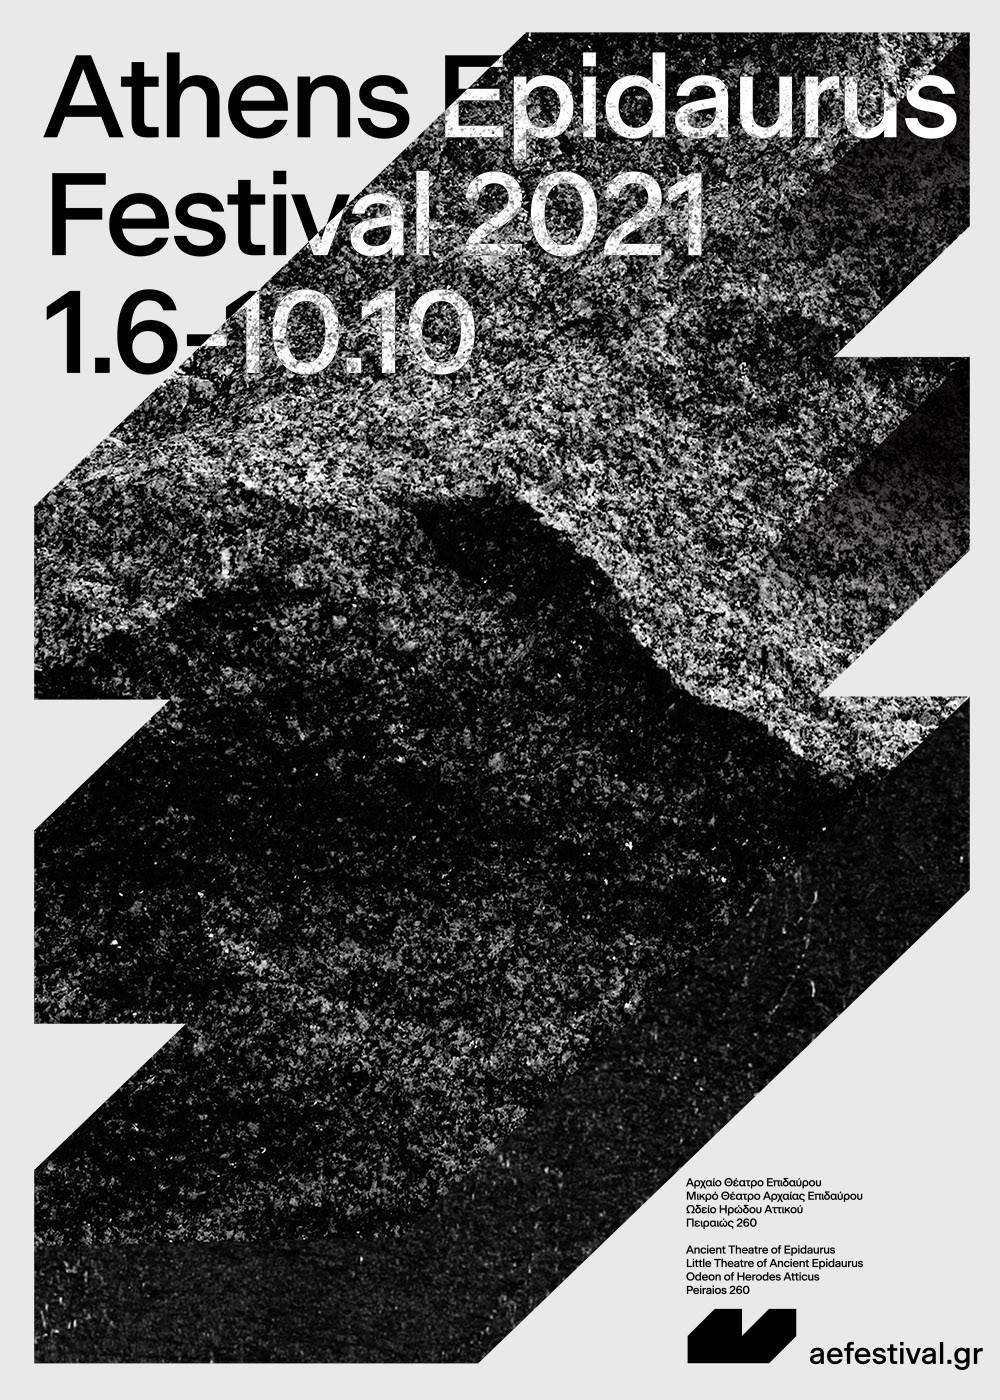 Πλούσιο πρόγραμμα από το φετινό Φεστιβάλ Αθηνών & Επιδαύρου, με κύριο χαρακτηριστικό την επιστροφή του στην Πειραιώς 260.